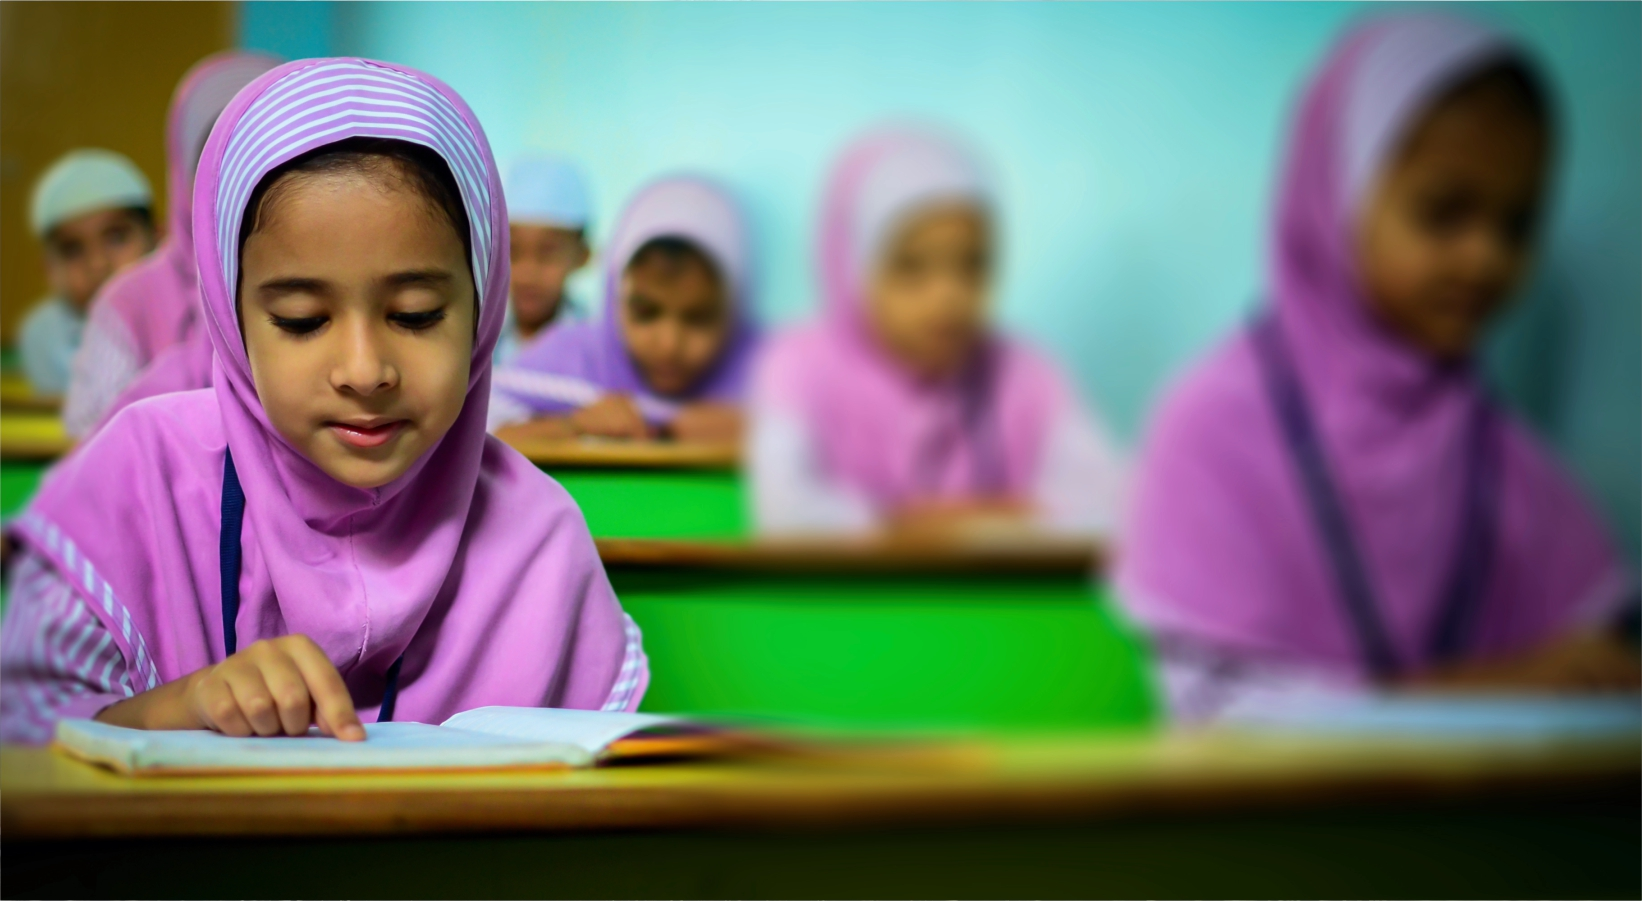 arrisalahnet Mengajarkan Syahadat agar Anak Selamat